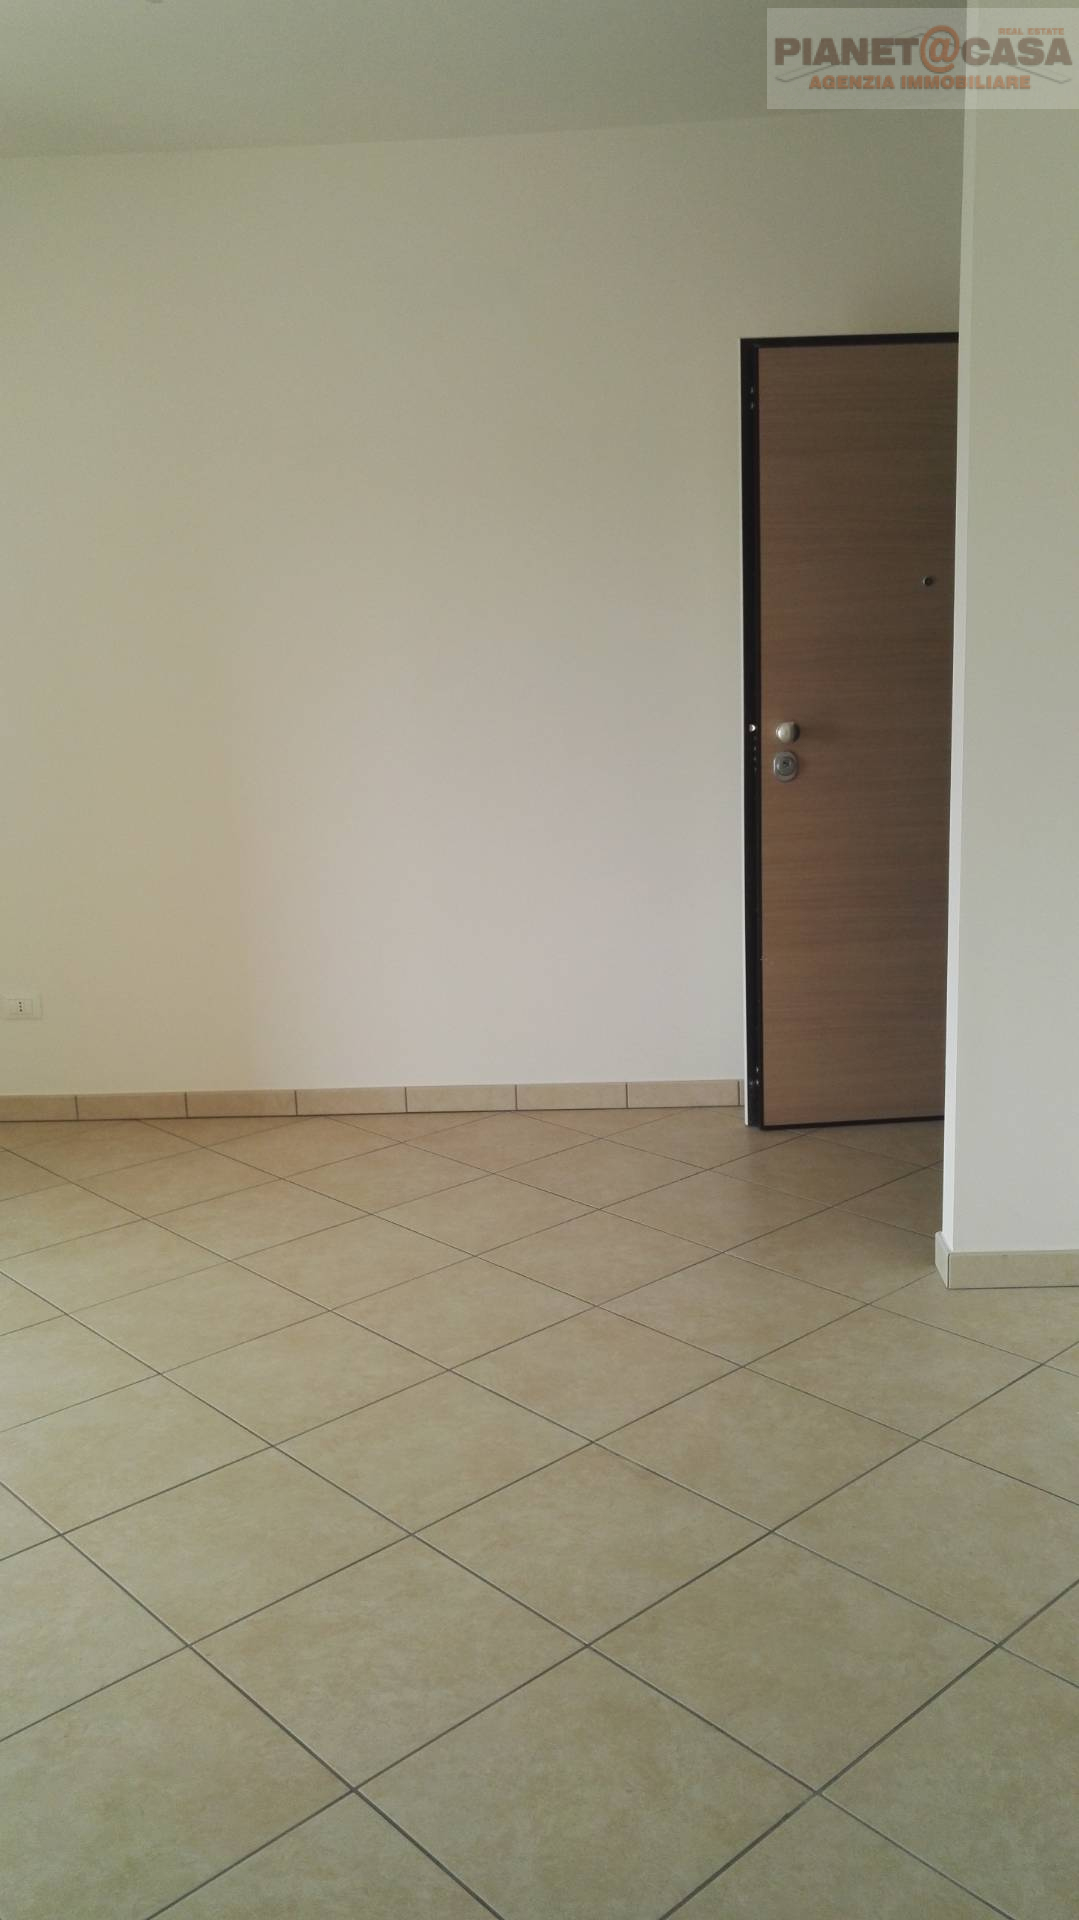 Appartamento in vendita a Martinsicuro, 3 locali, zona Località: VILLAROSA, prezzo € 123.000 | CambioCasa.it